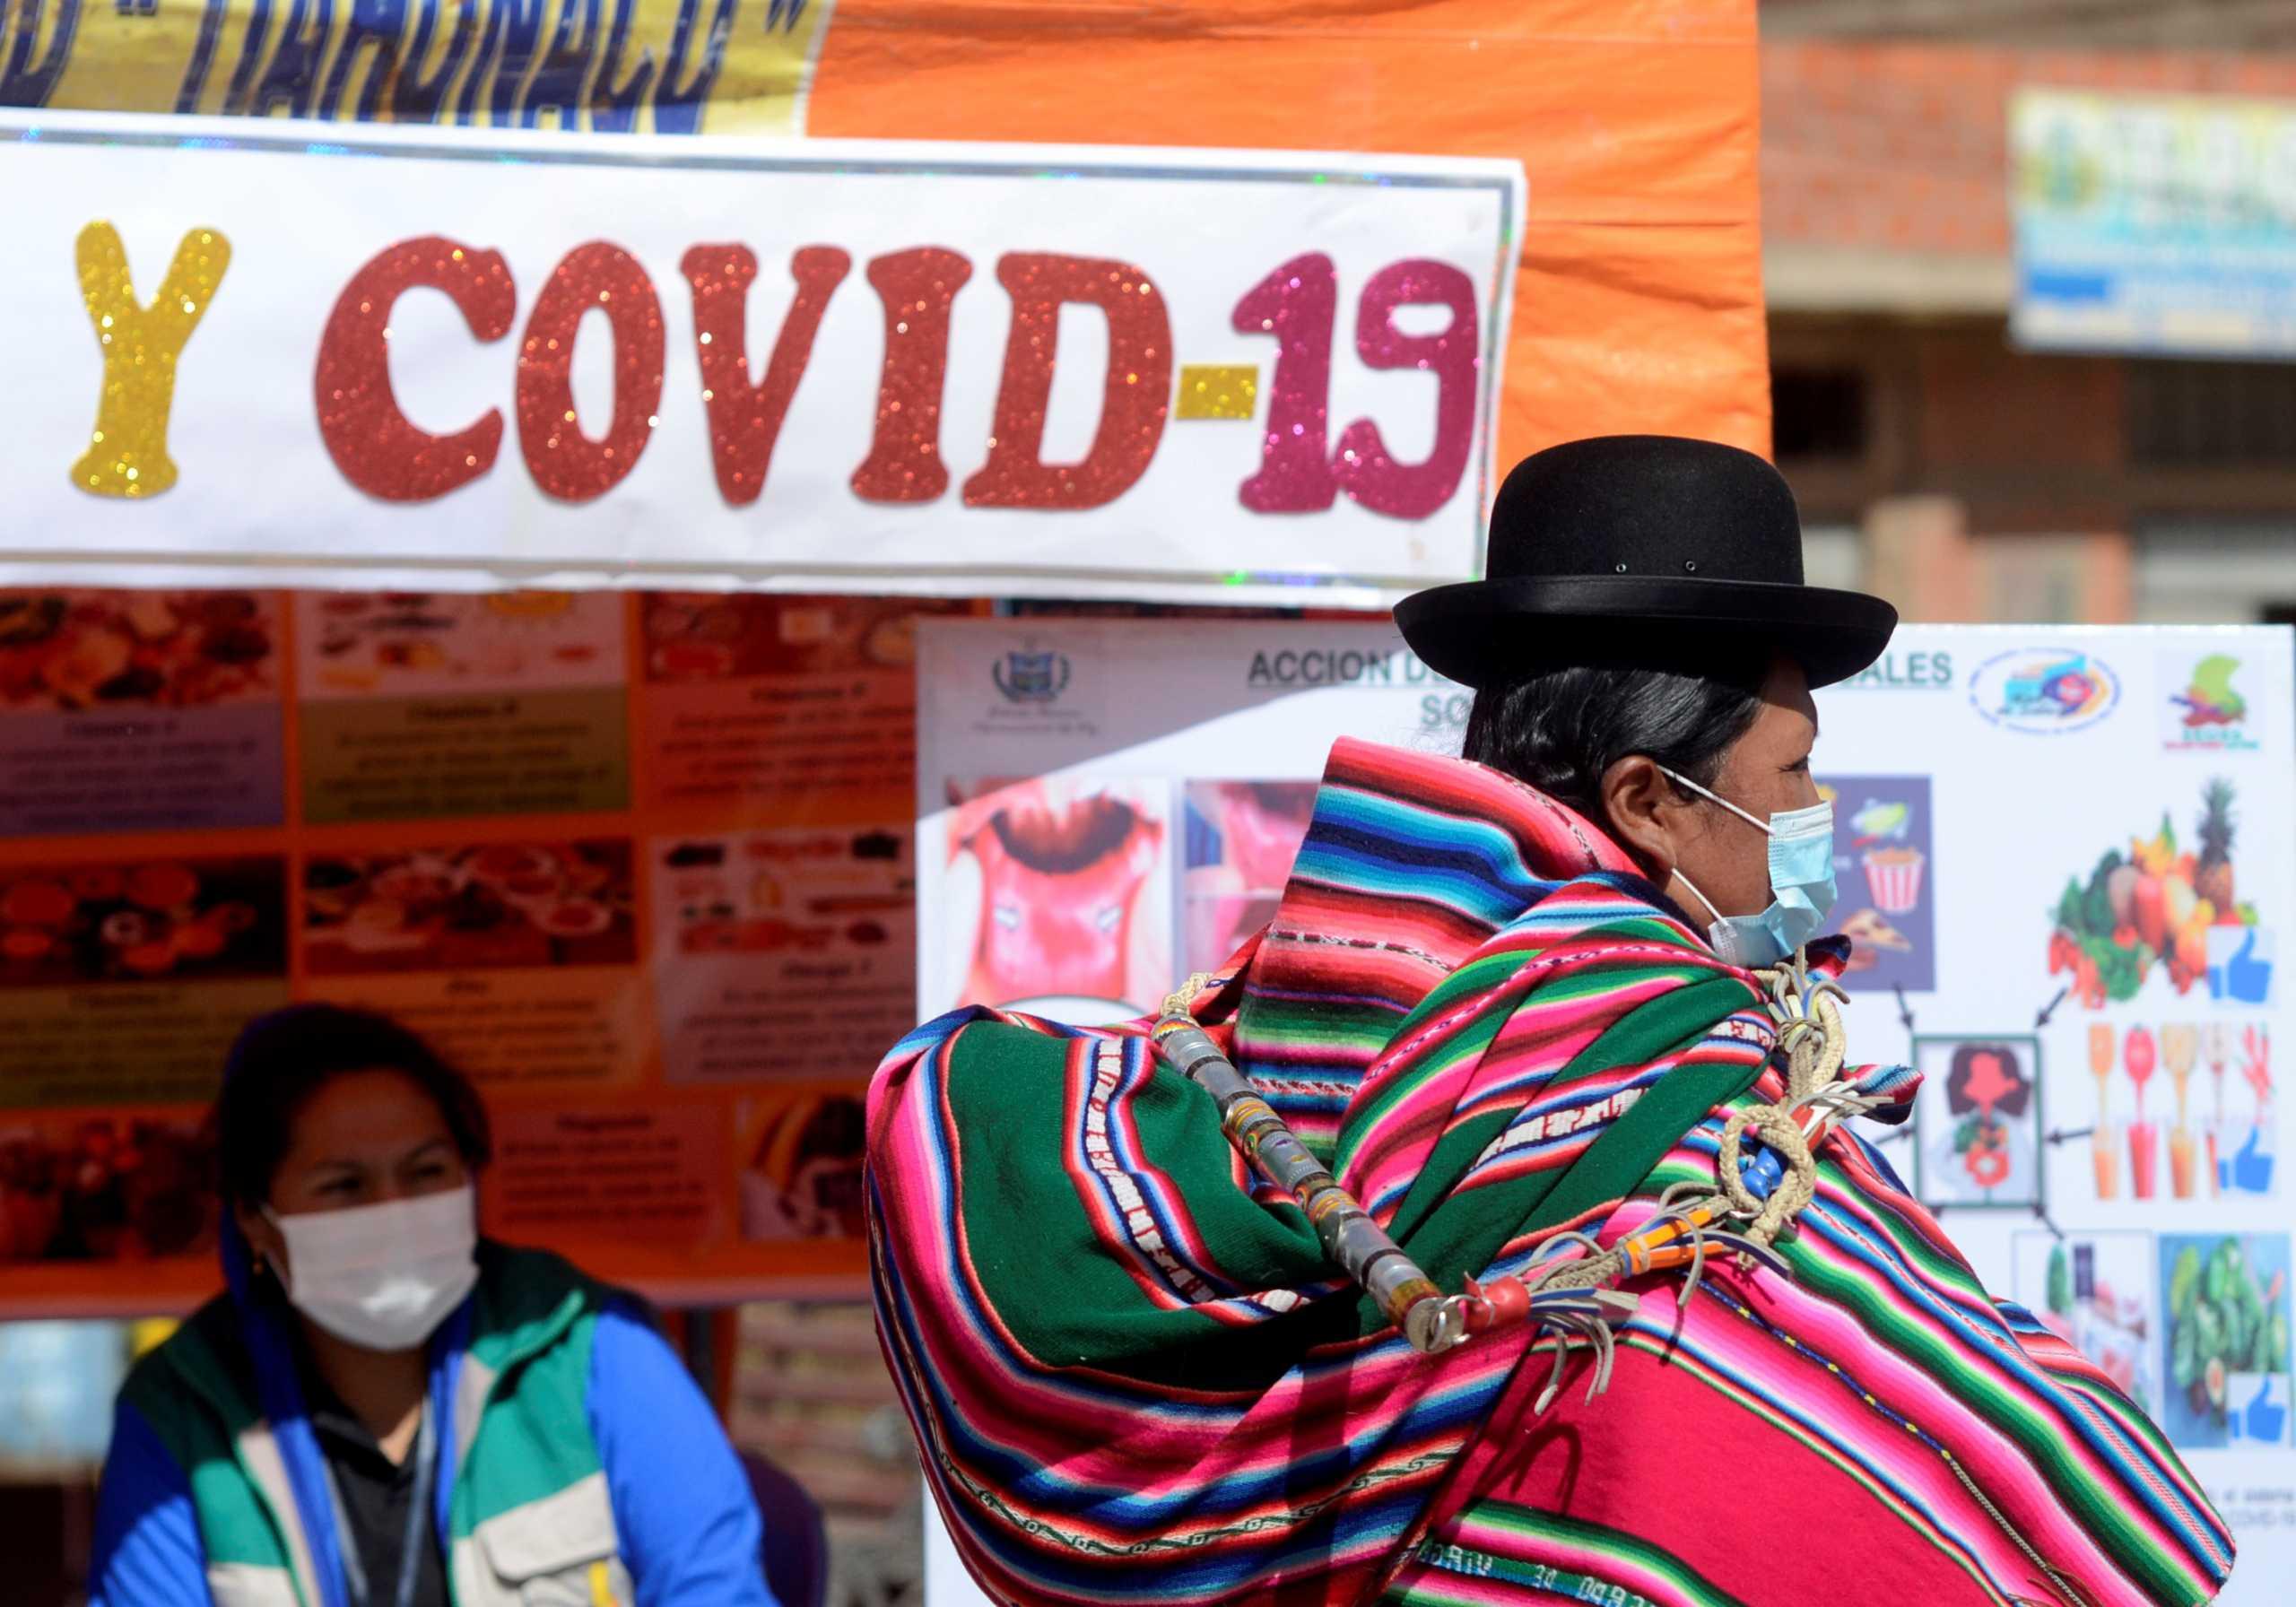 Κορονοϊός: Μακάβρια πρωτιά για το Περού μετά τον τριπλασιασμό των θανάτων από Covid-19